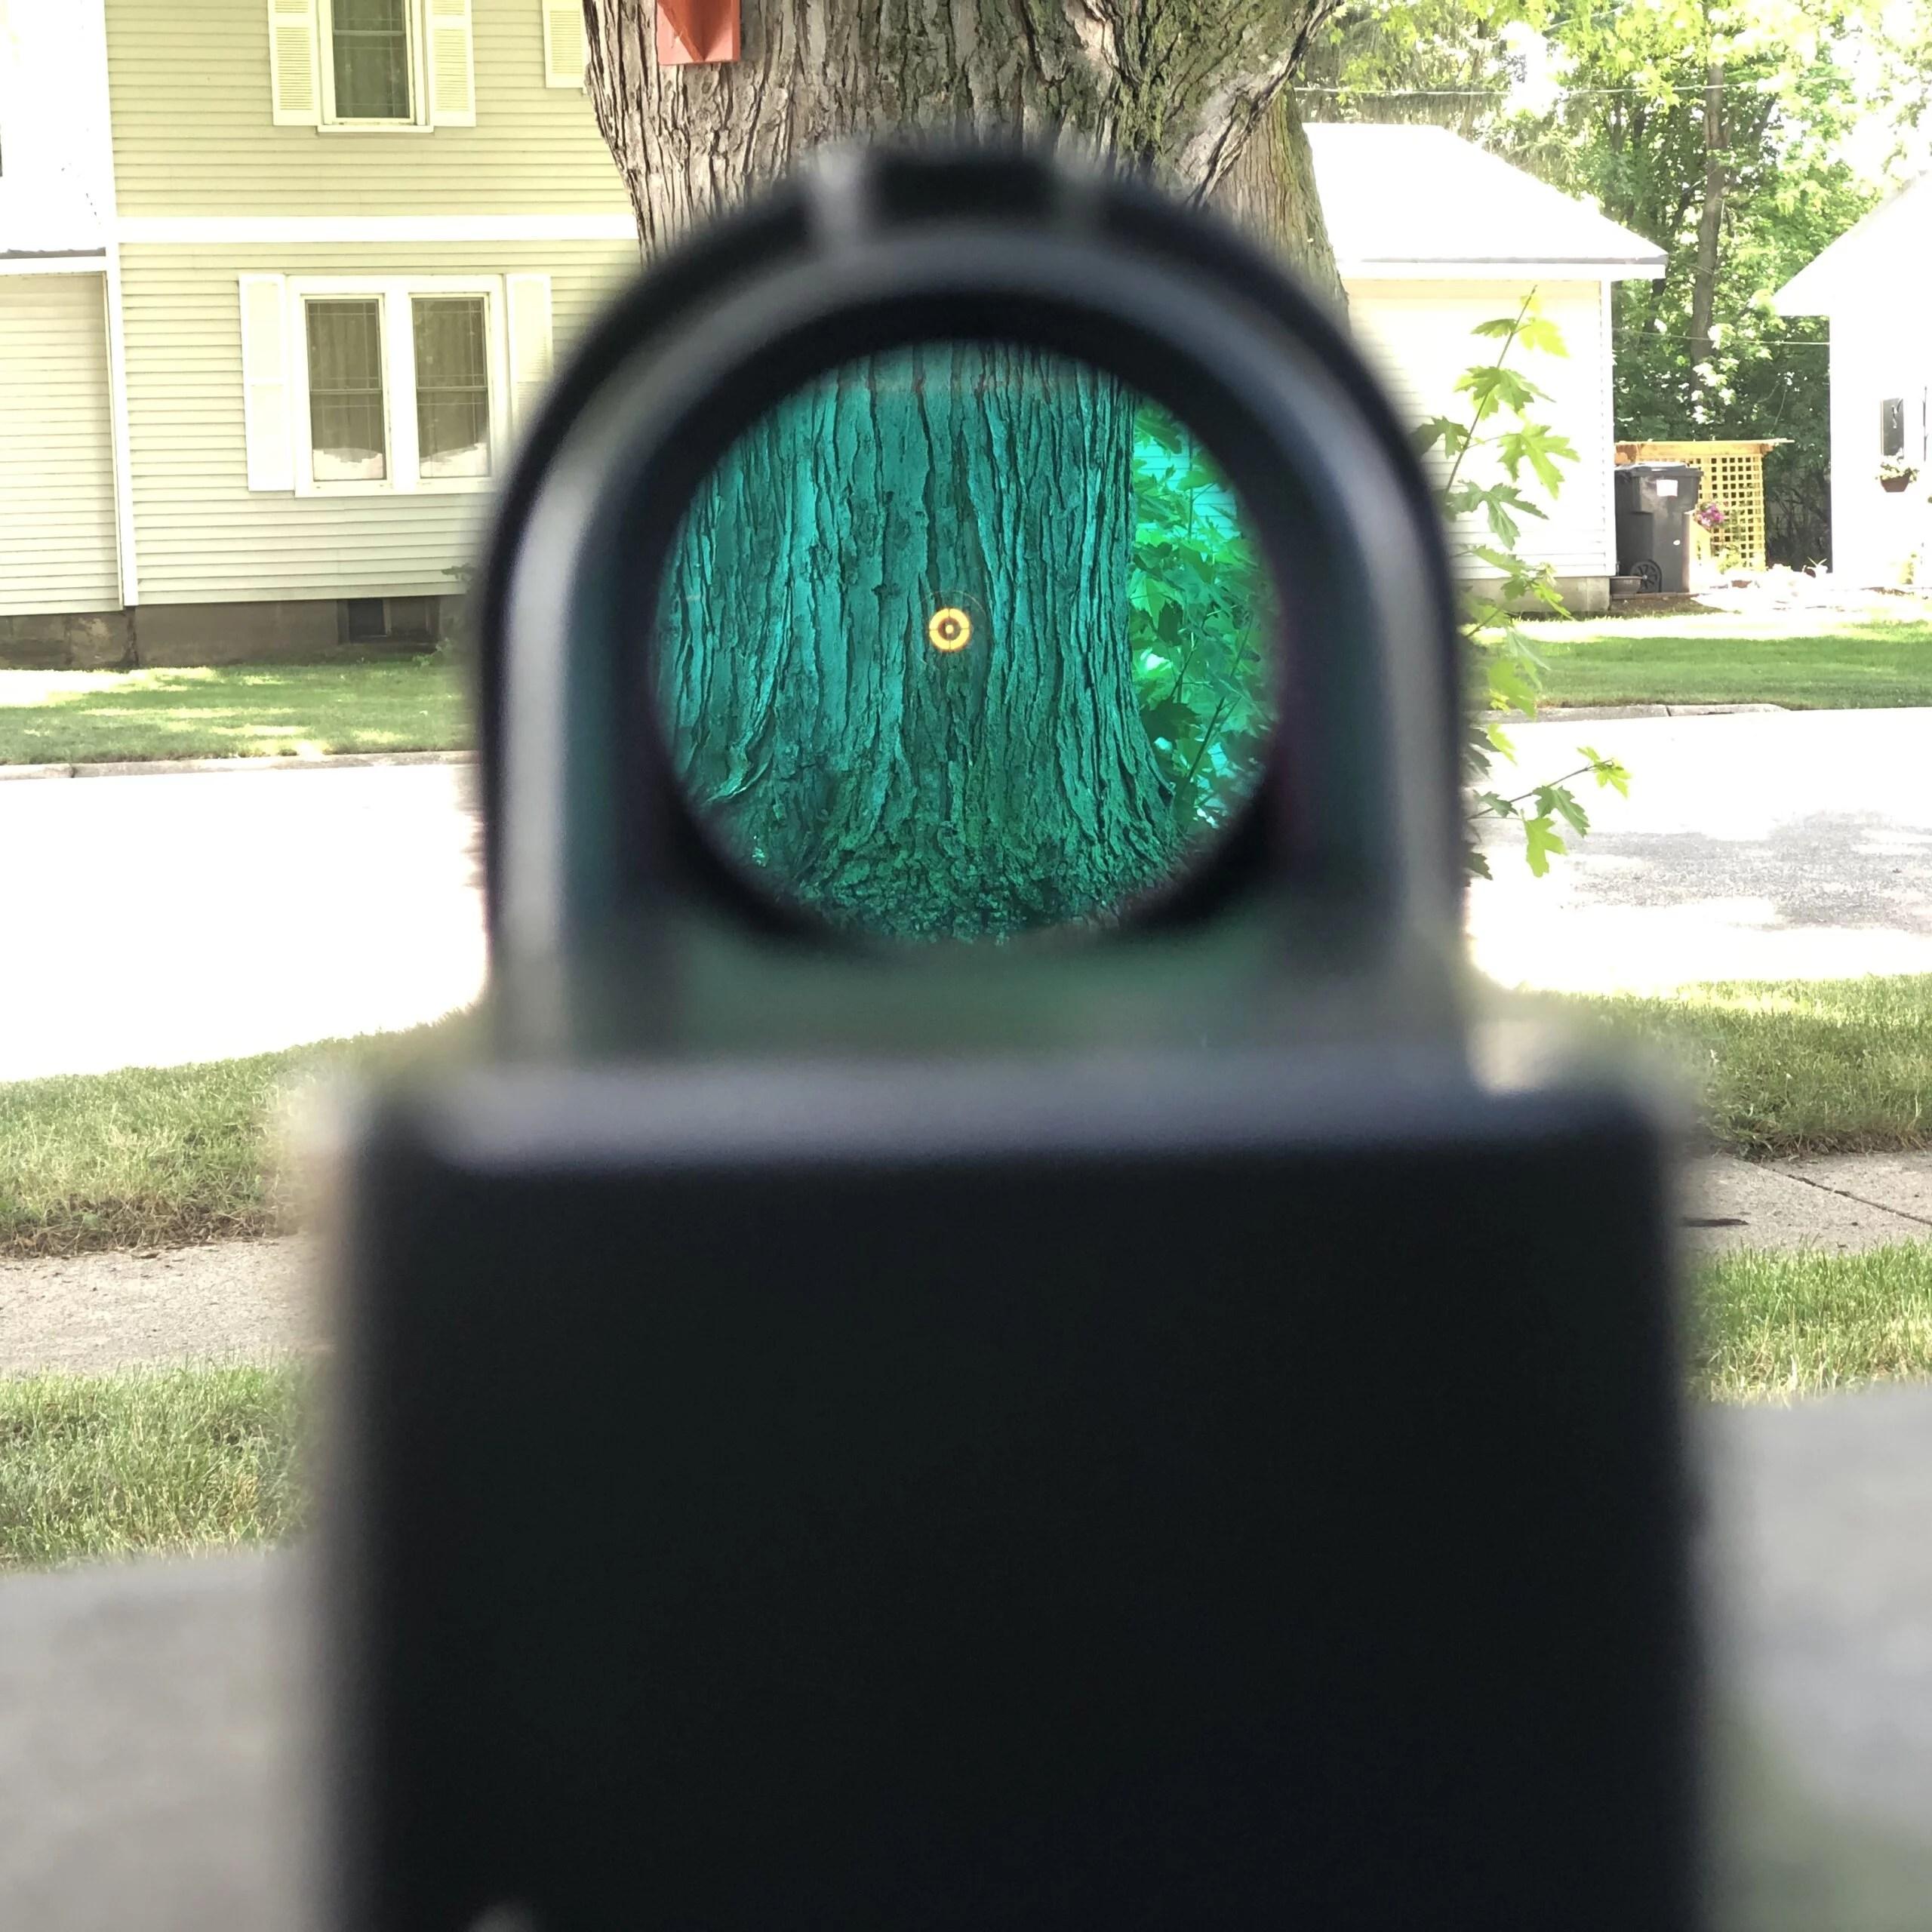 M21 optic review?